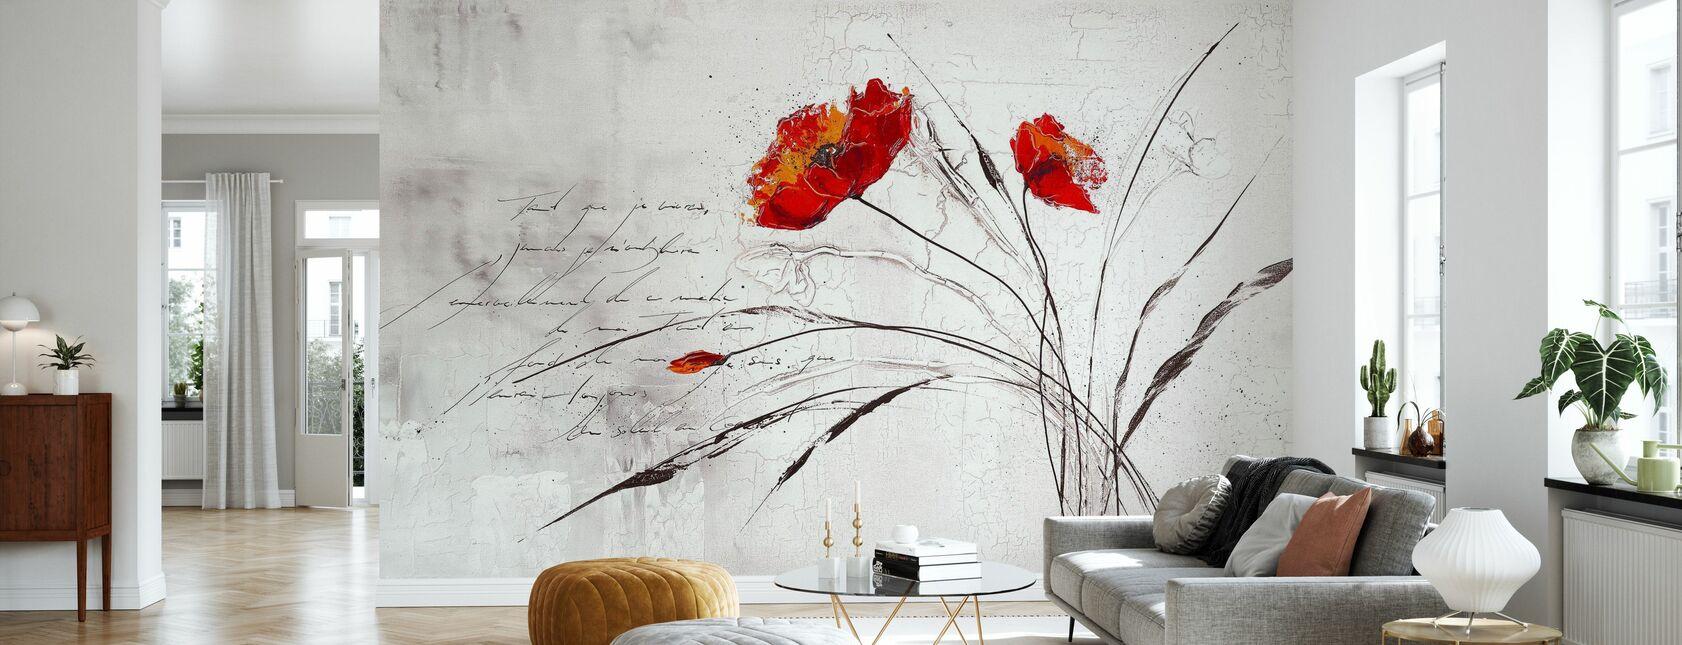 Blommig dröm IV - Tapet - Vardagsrum